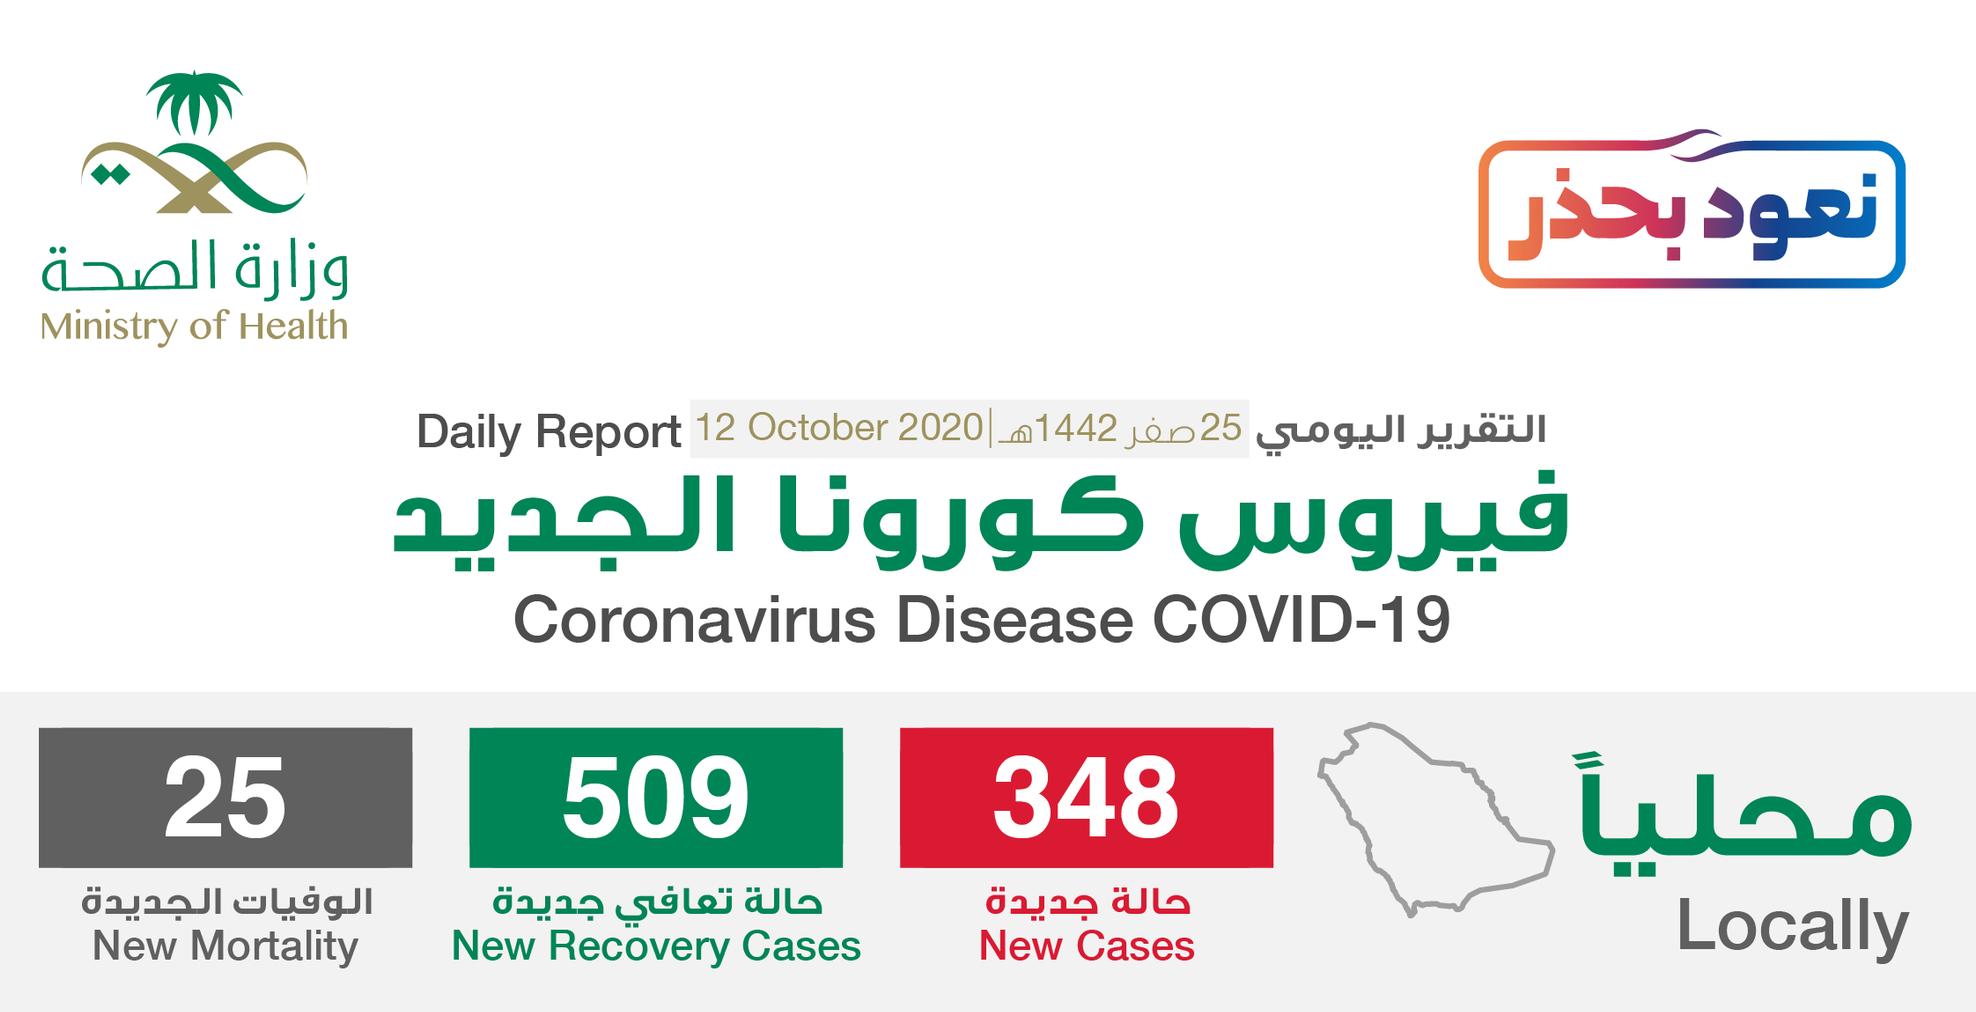 مستجدات كورونا في السعودية 12 أكتوبر .. وارتفاع نسبة حالات الشفاء إلى 96% 1